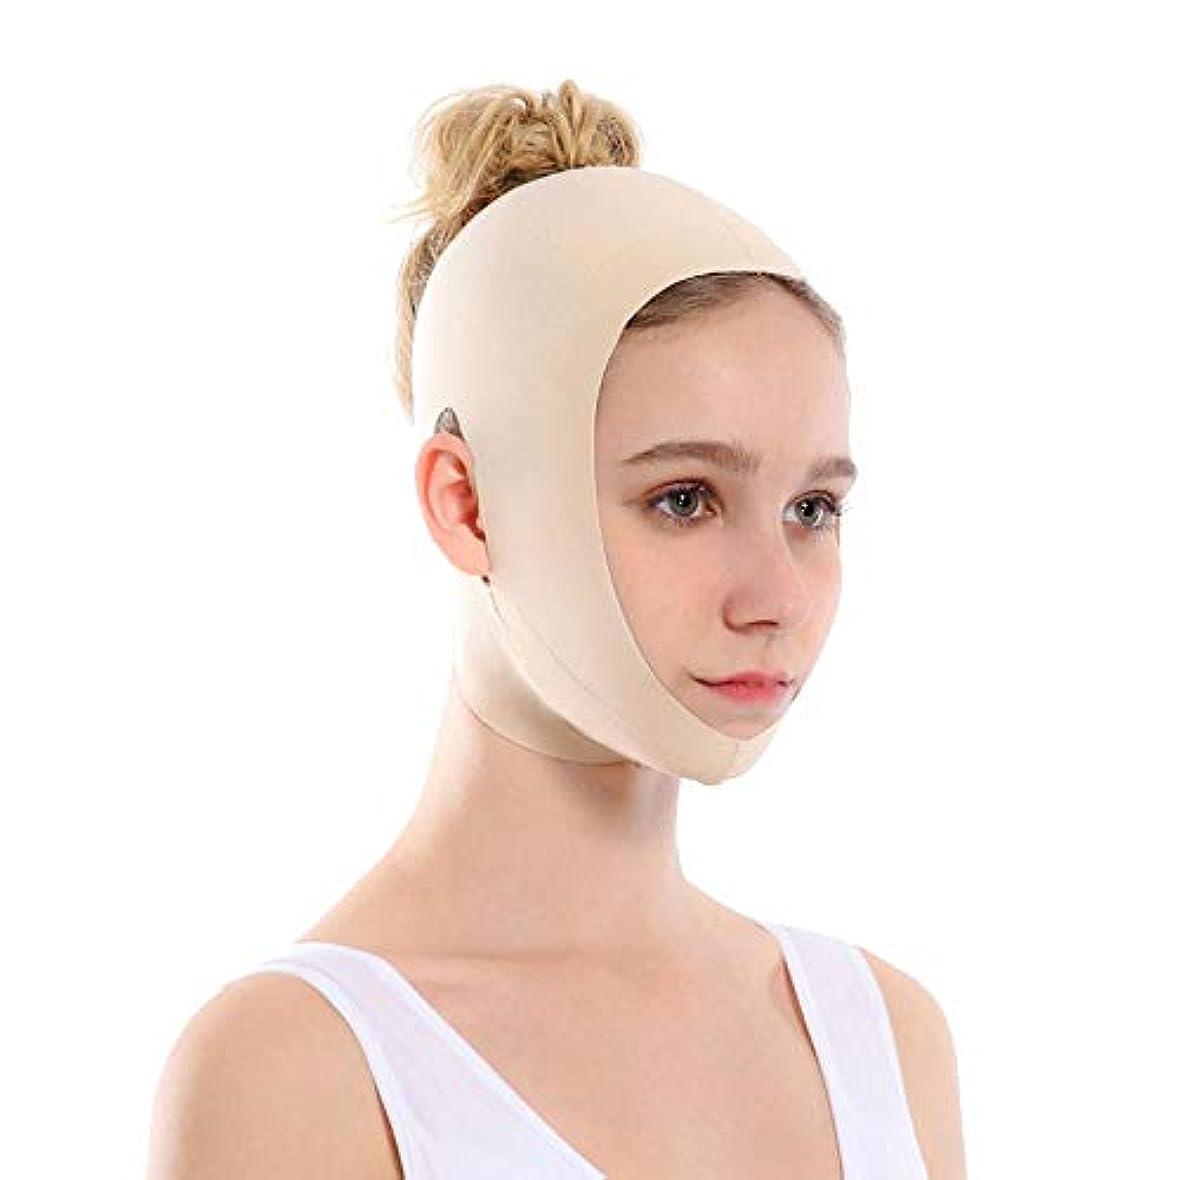 ハドルタービン邪悪なMinmin 顔を持ち上げるアーティファクトVフェイス包帯リフティング引き締め睡眠薄い顔を整形持ち上げる顔を二重あご矯正 - 肌の色 みんみんVラインフェイスマスク